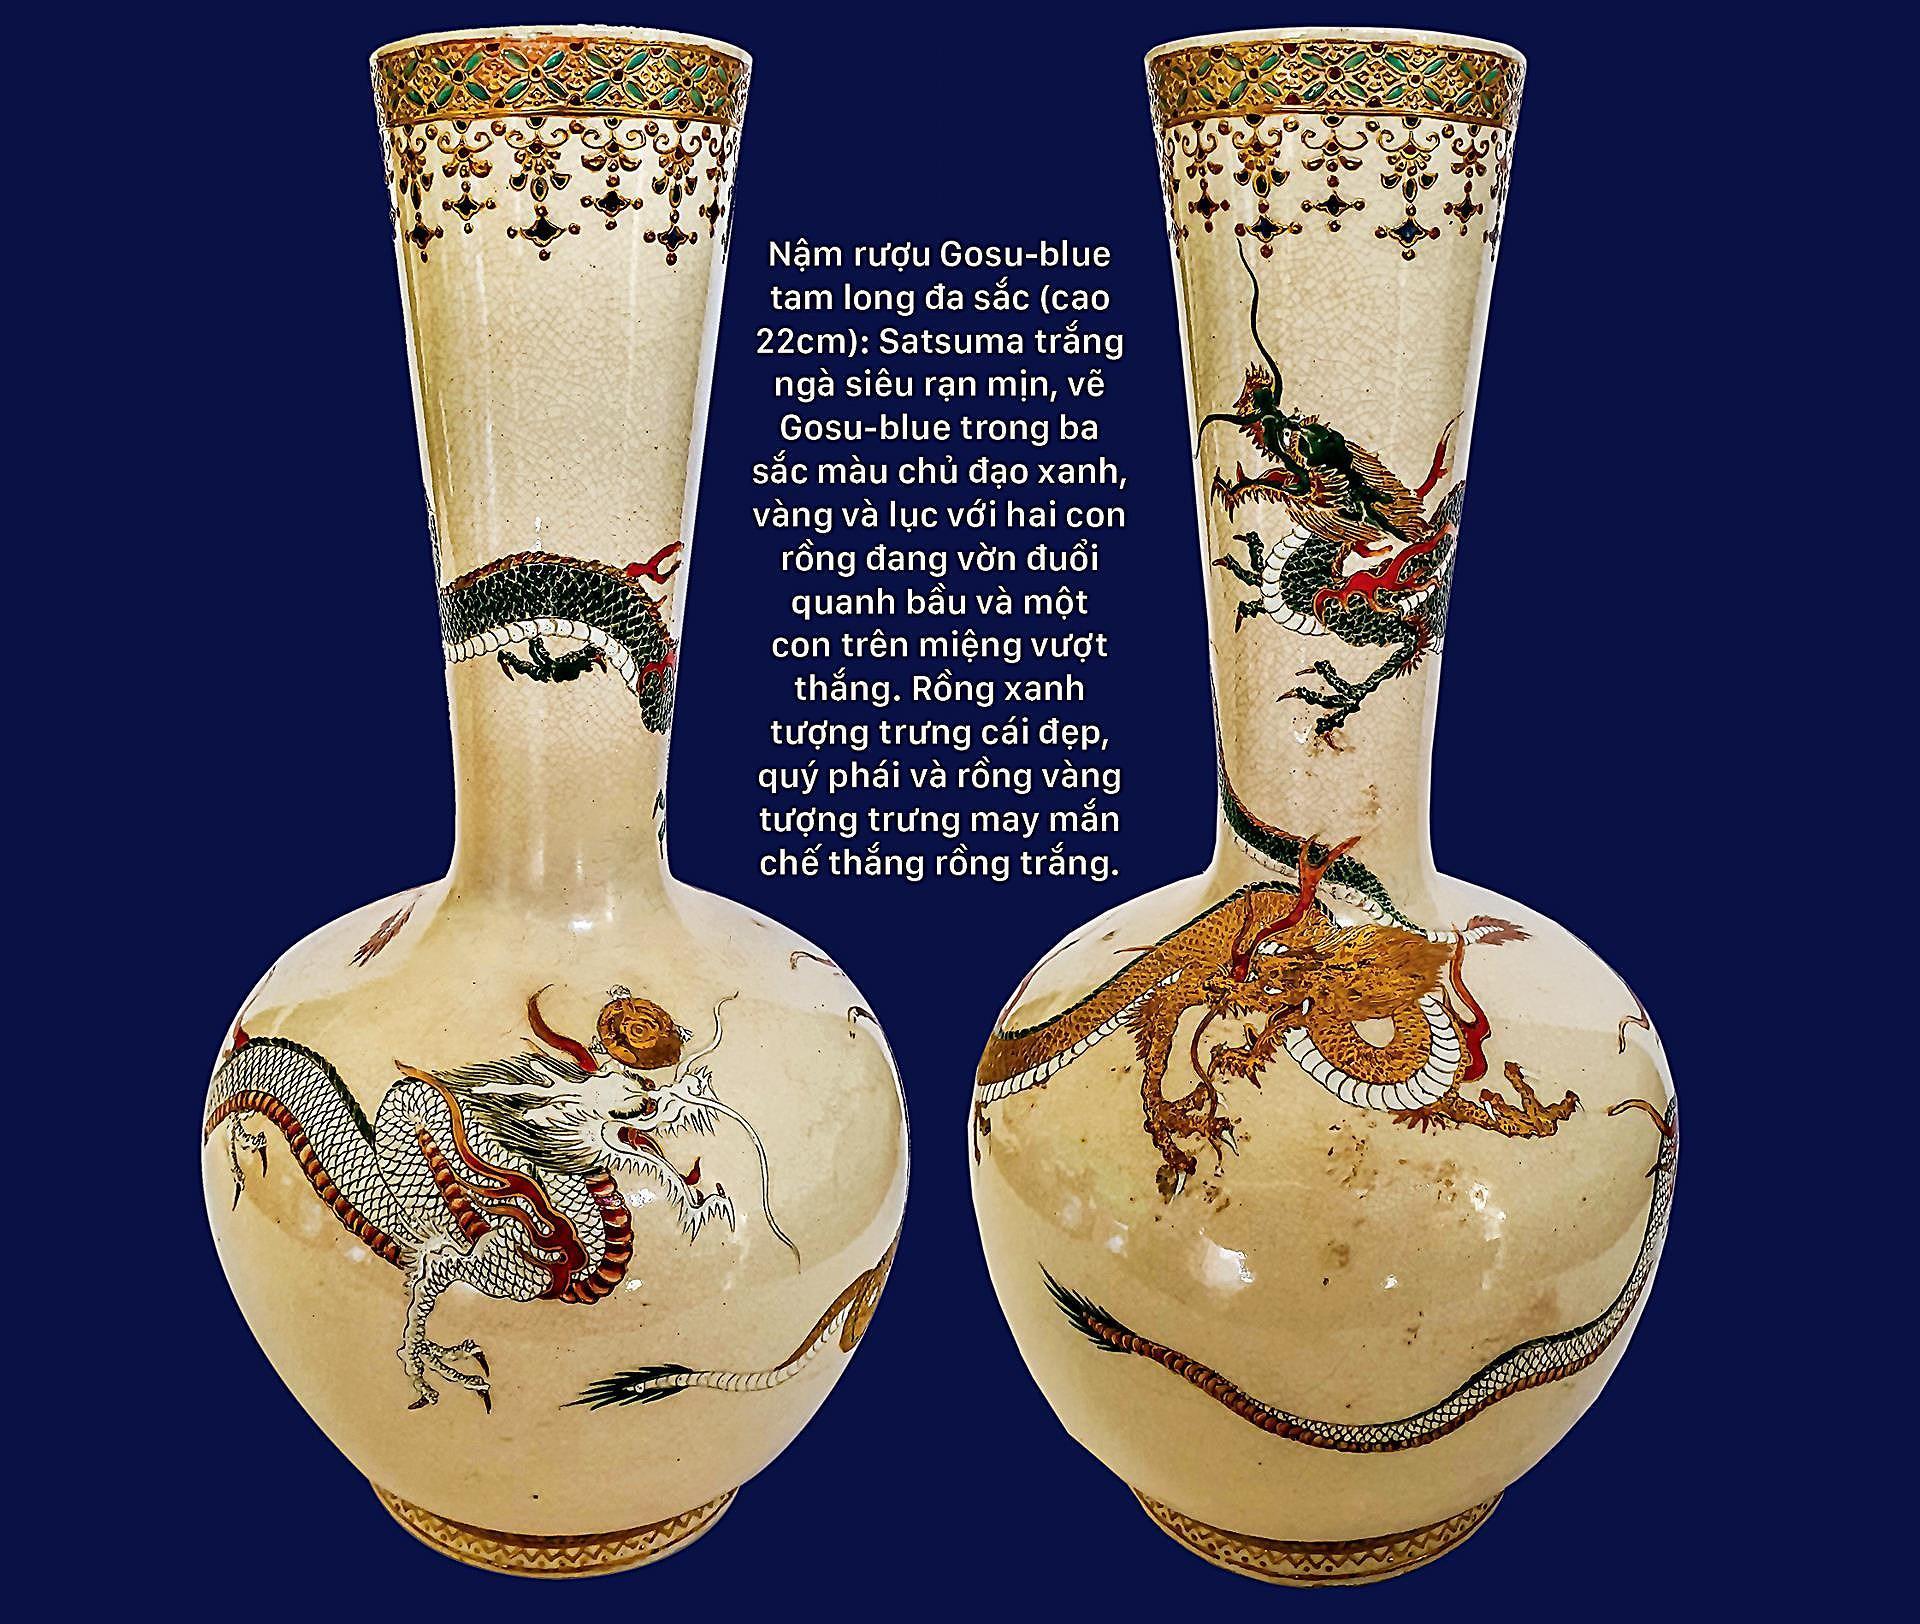 Hình tượng rồng trên bình rượu Sake Satsuma Ảnh 6